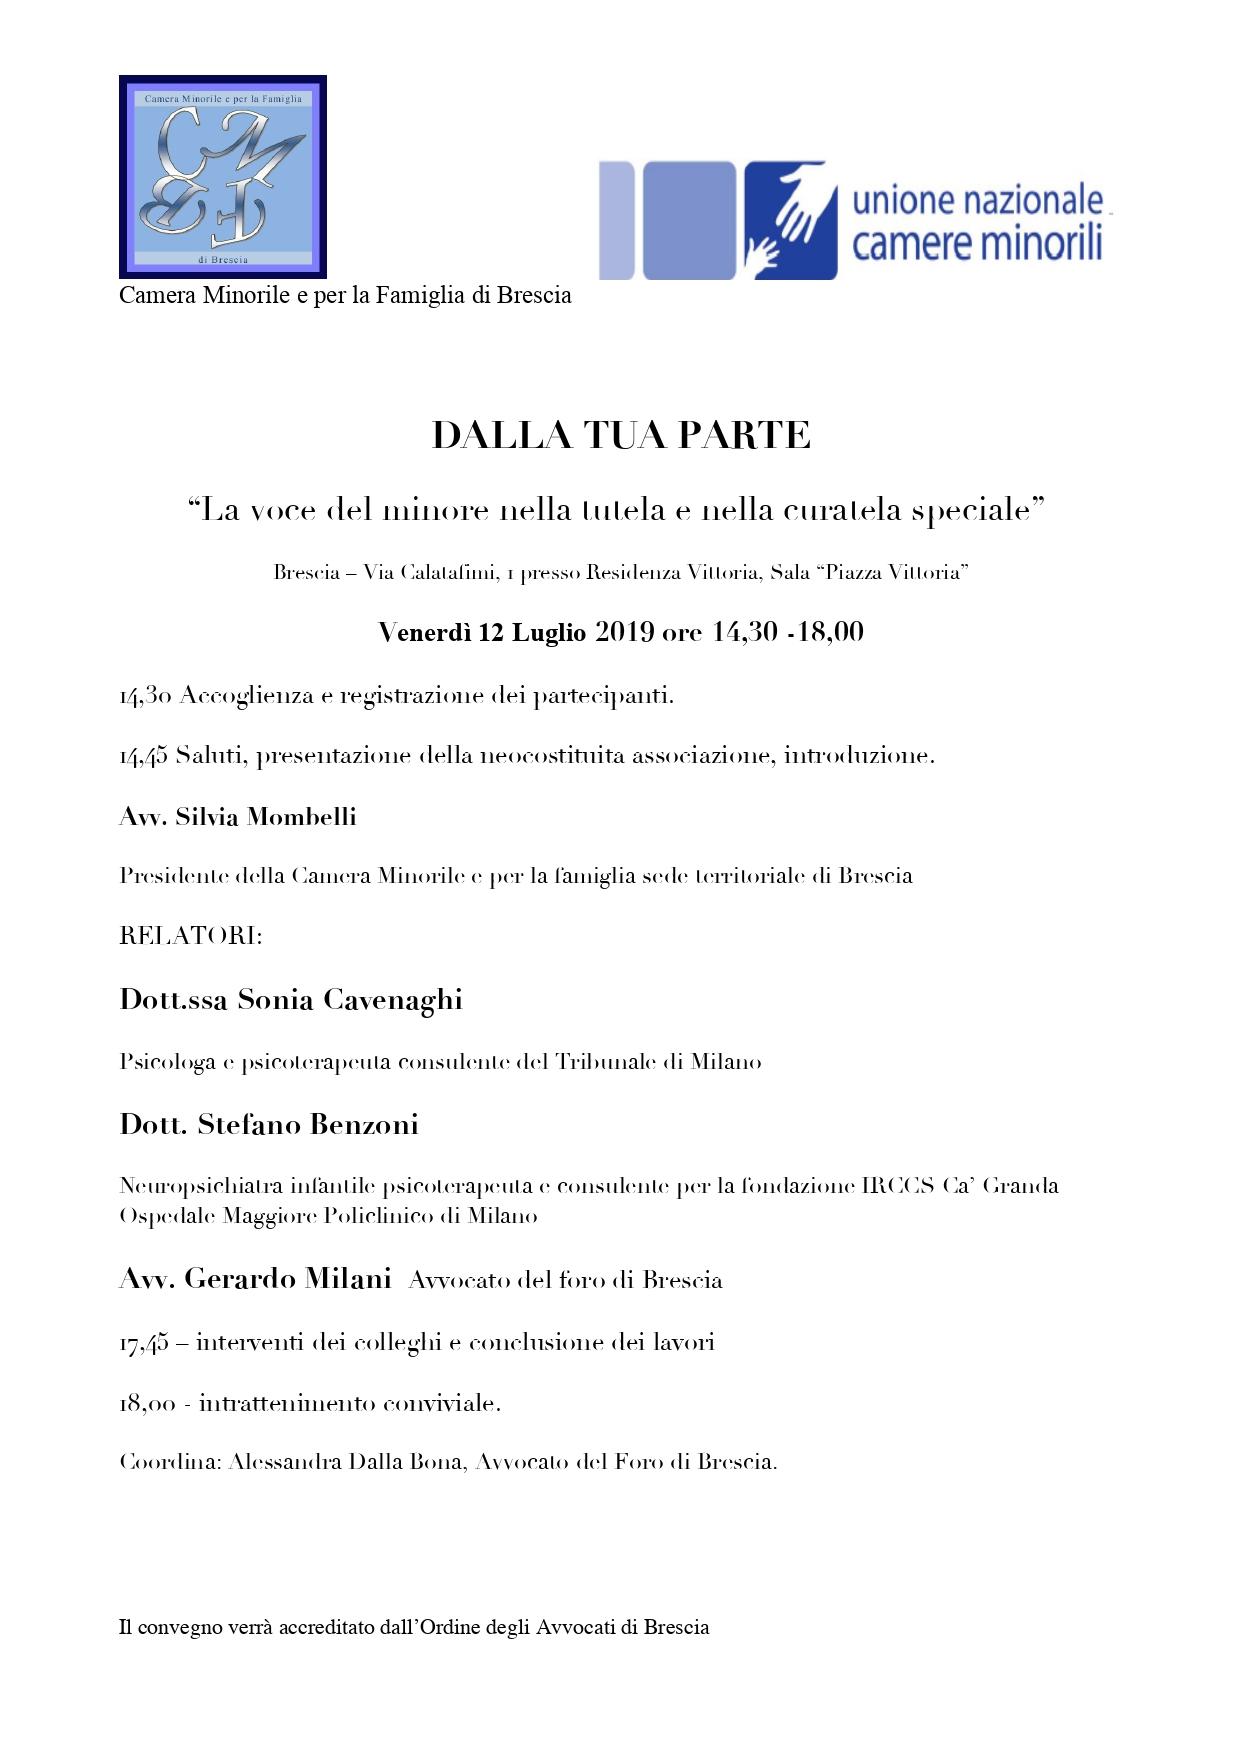 locandina convegno 12 luglio_page-0001 (2)